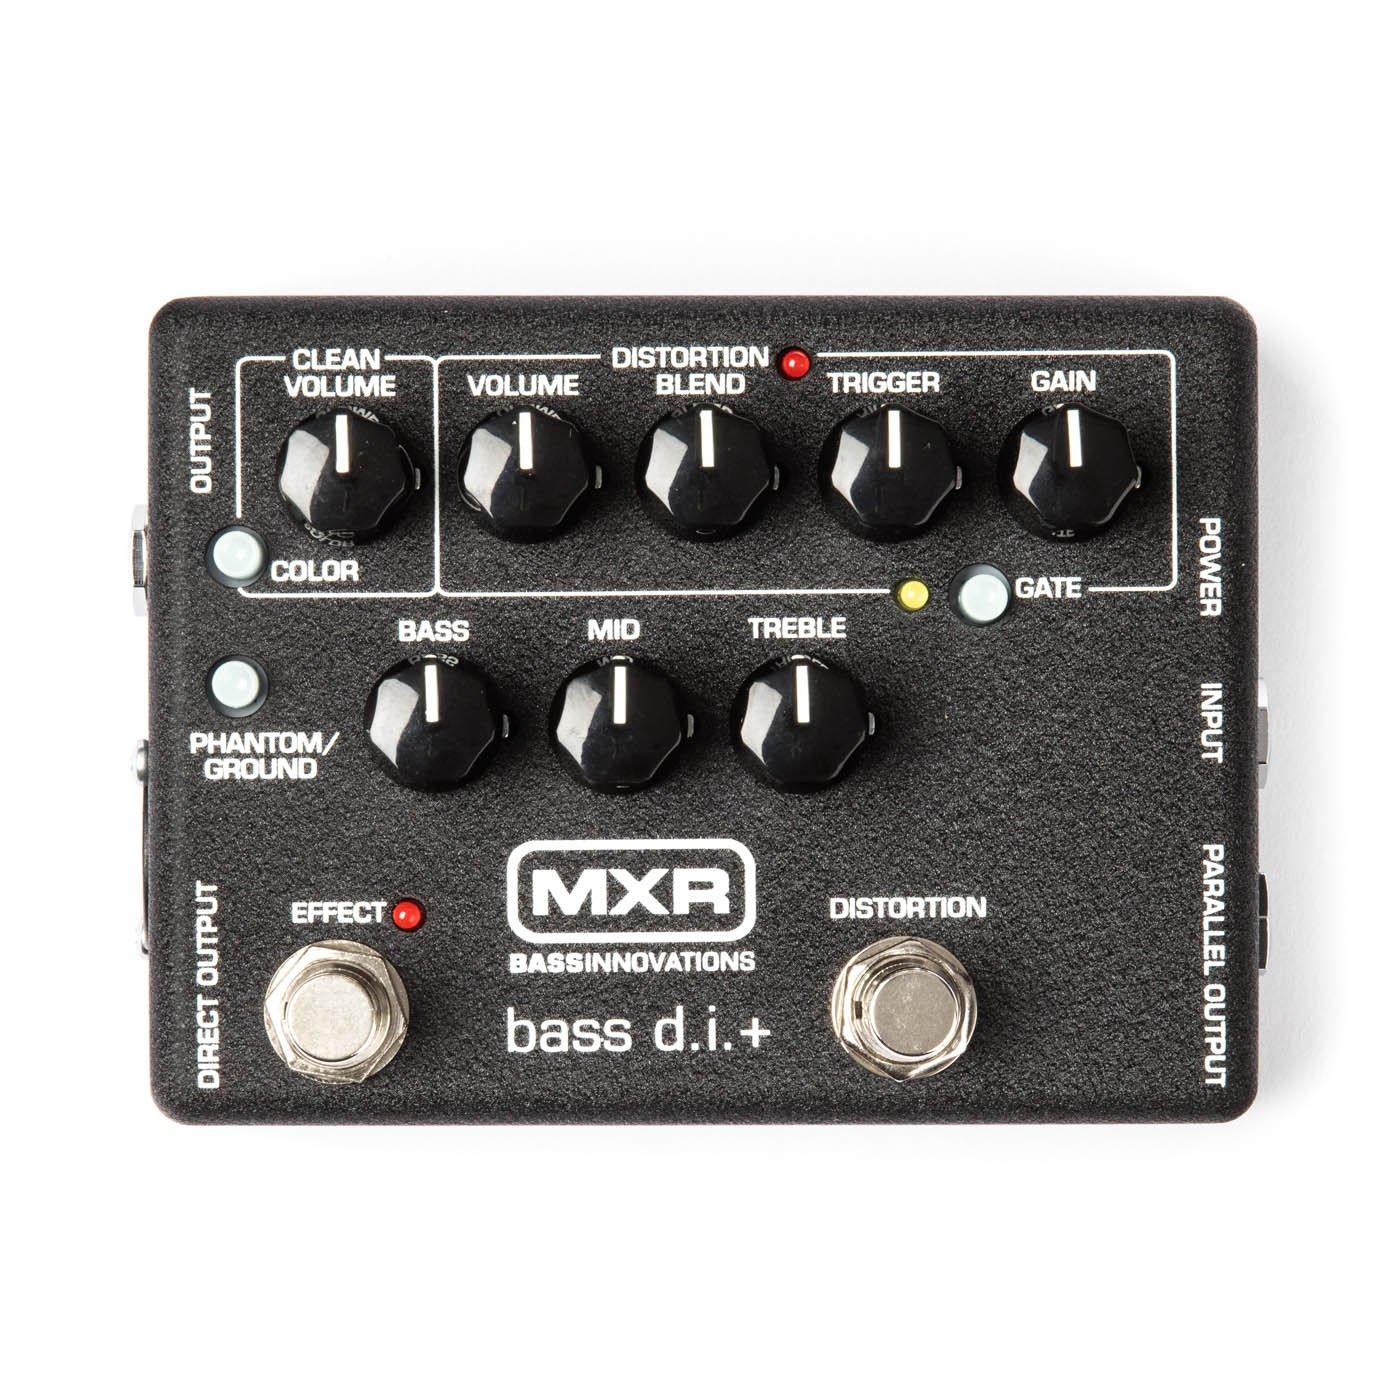 MXR Bass D.I. +